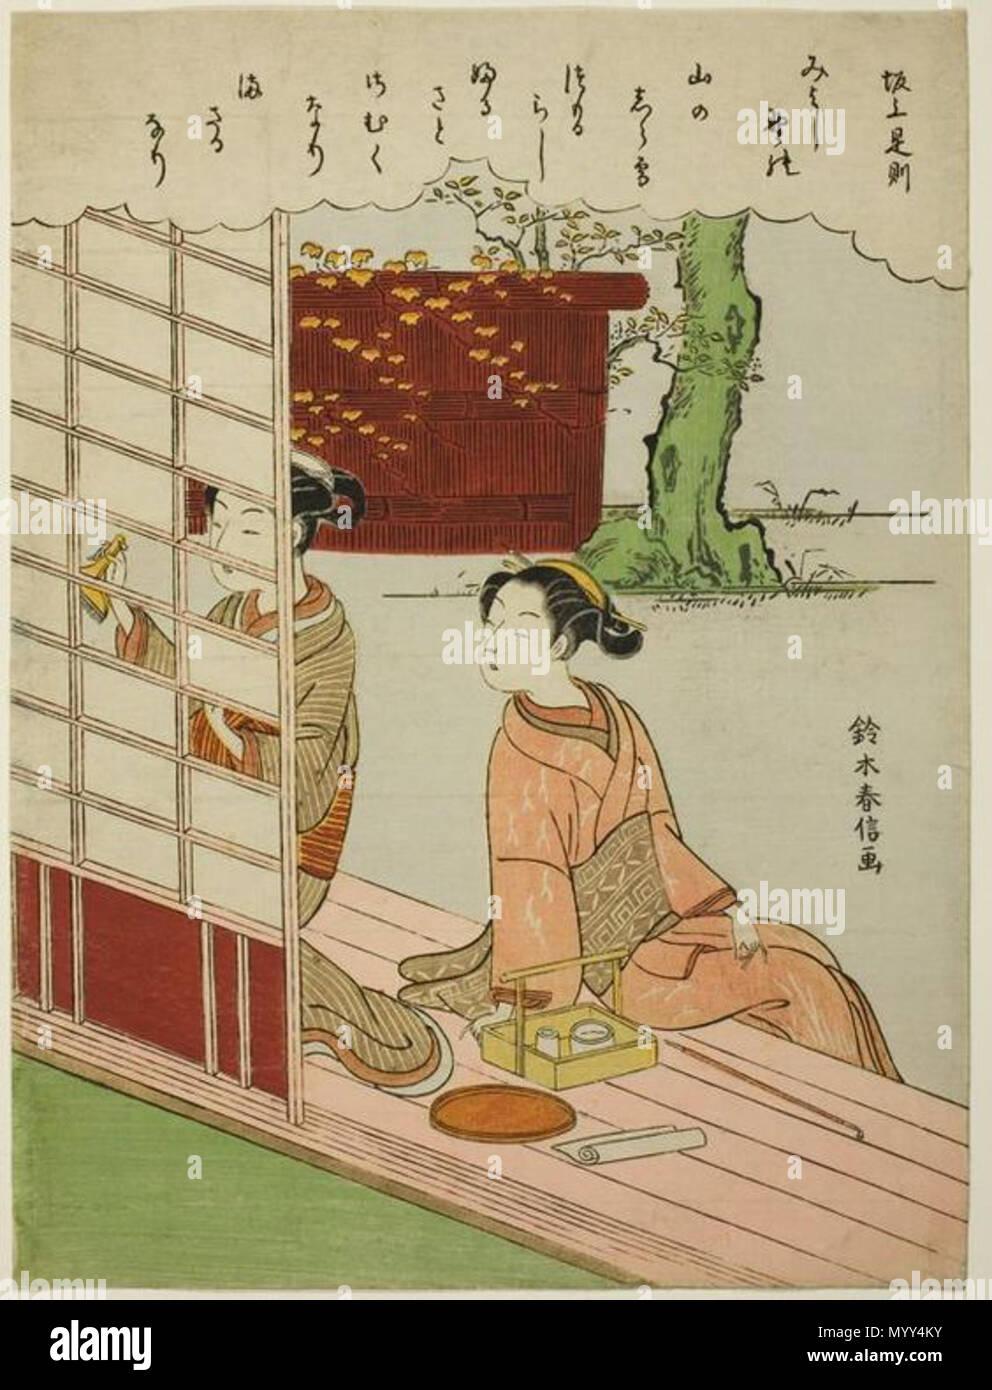 . 日本語: 鈴木春信は日本の江戸時代の絵師である。坂上是則の歌を題材にした作品。 English: Suzuki Harunobu (1725? – July 7, 1770) was a Japanese Edo Period artist. Poem by Sakanoue no Korenori, from an untitled series of Thirty-Six Immortal Poets, c. 1767/68  . circa 1767/68. Suzuki Harunobu (1724(?)-1770) 22 Suzuki Harunobu - Sakanoue no Korenori Stock Photo